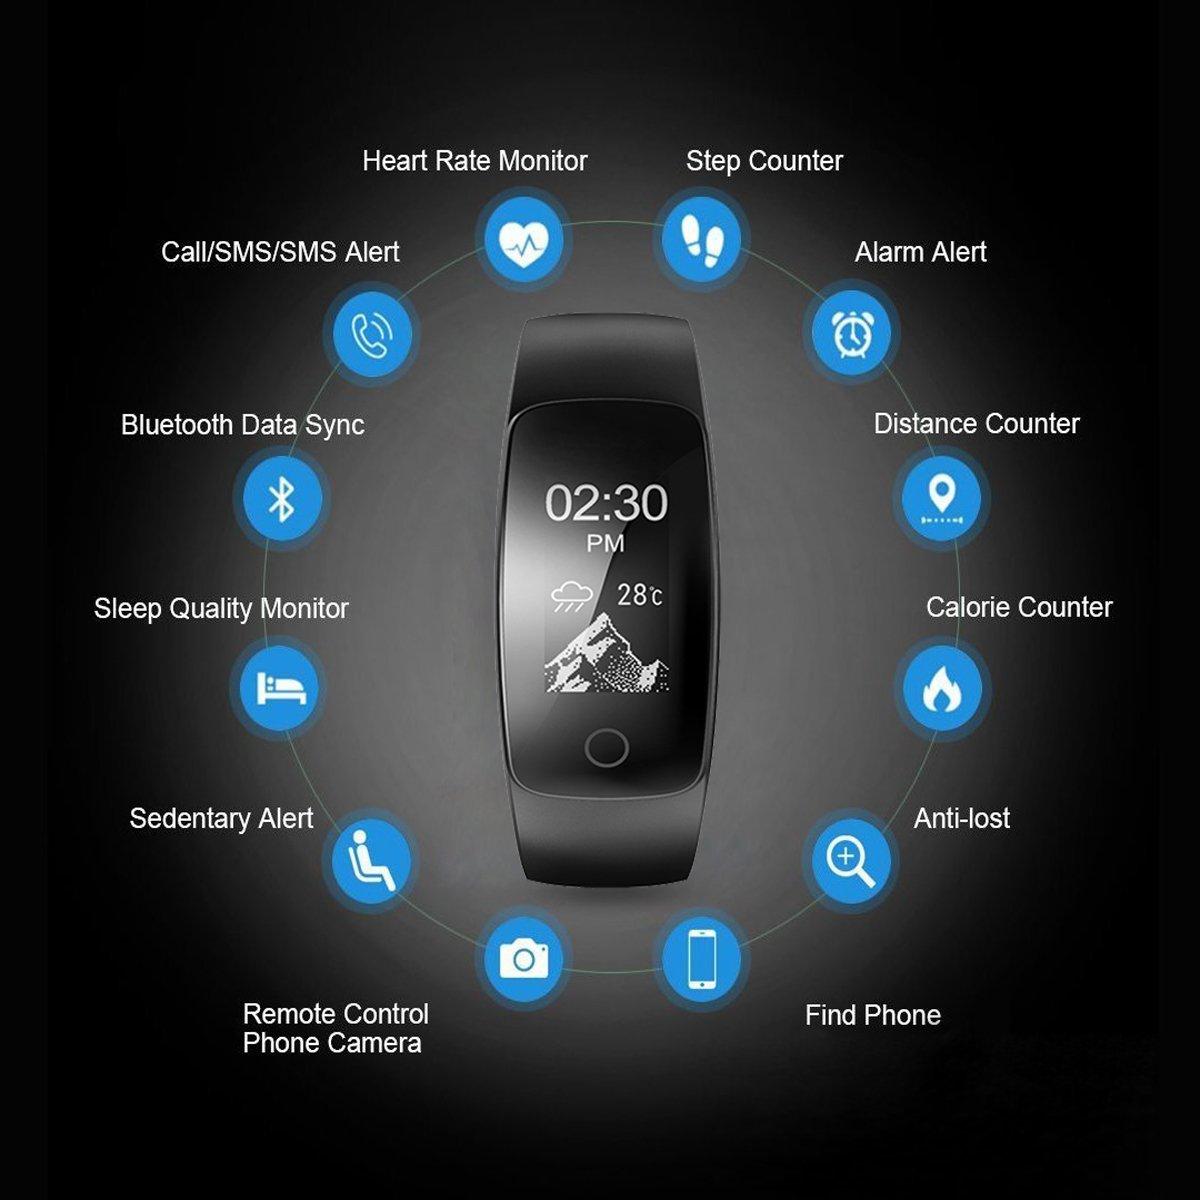 Pulsera de Fitness, Drillpro Fitness Tracker/Pulsera Inteligente/ Pulsera Multifunción -ID107Plus HR Fitness Tracker Monitor de Frecuencia Cardíaca, ...